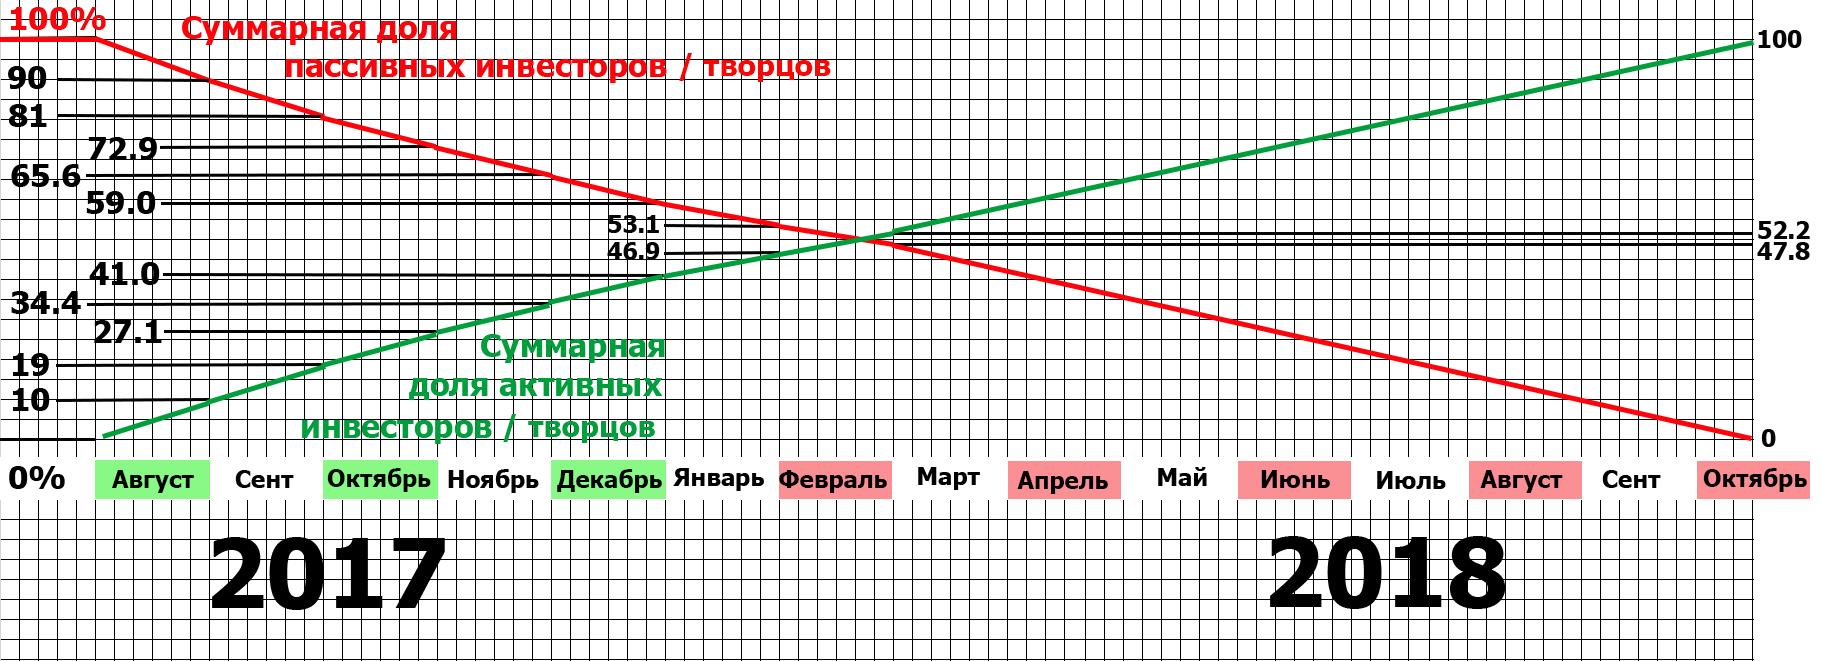 https://img-fotki.yandex.ru/get/1028274/158289418.4e3/0_19040d_6361ff08_orig.png